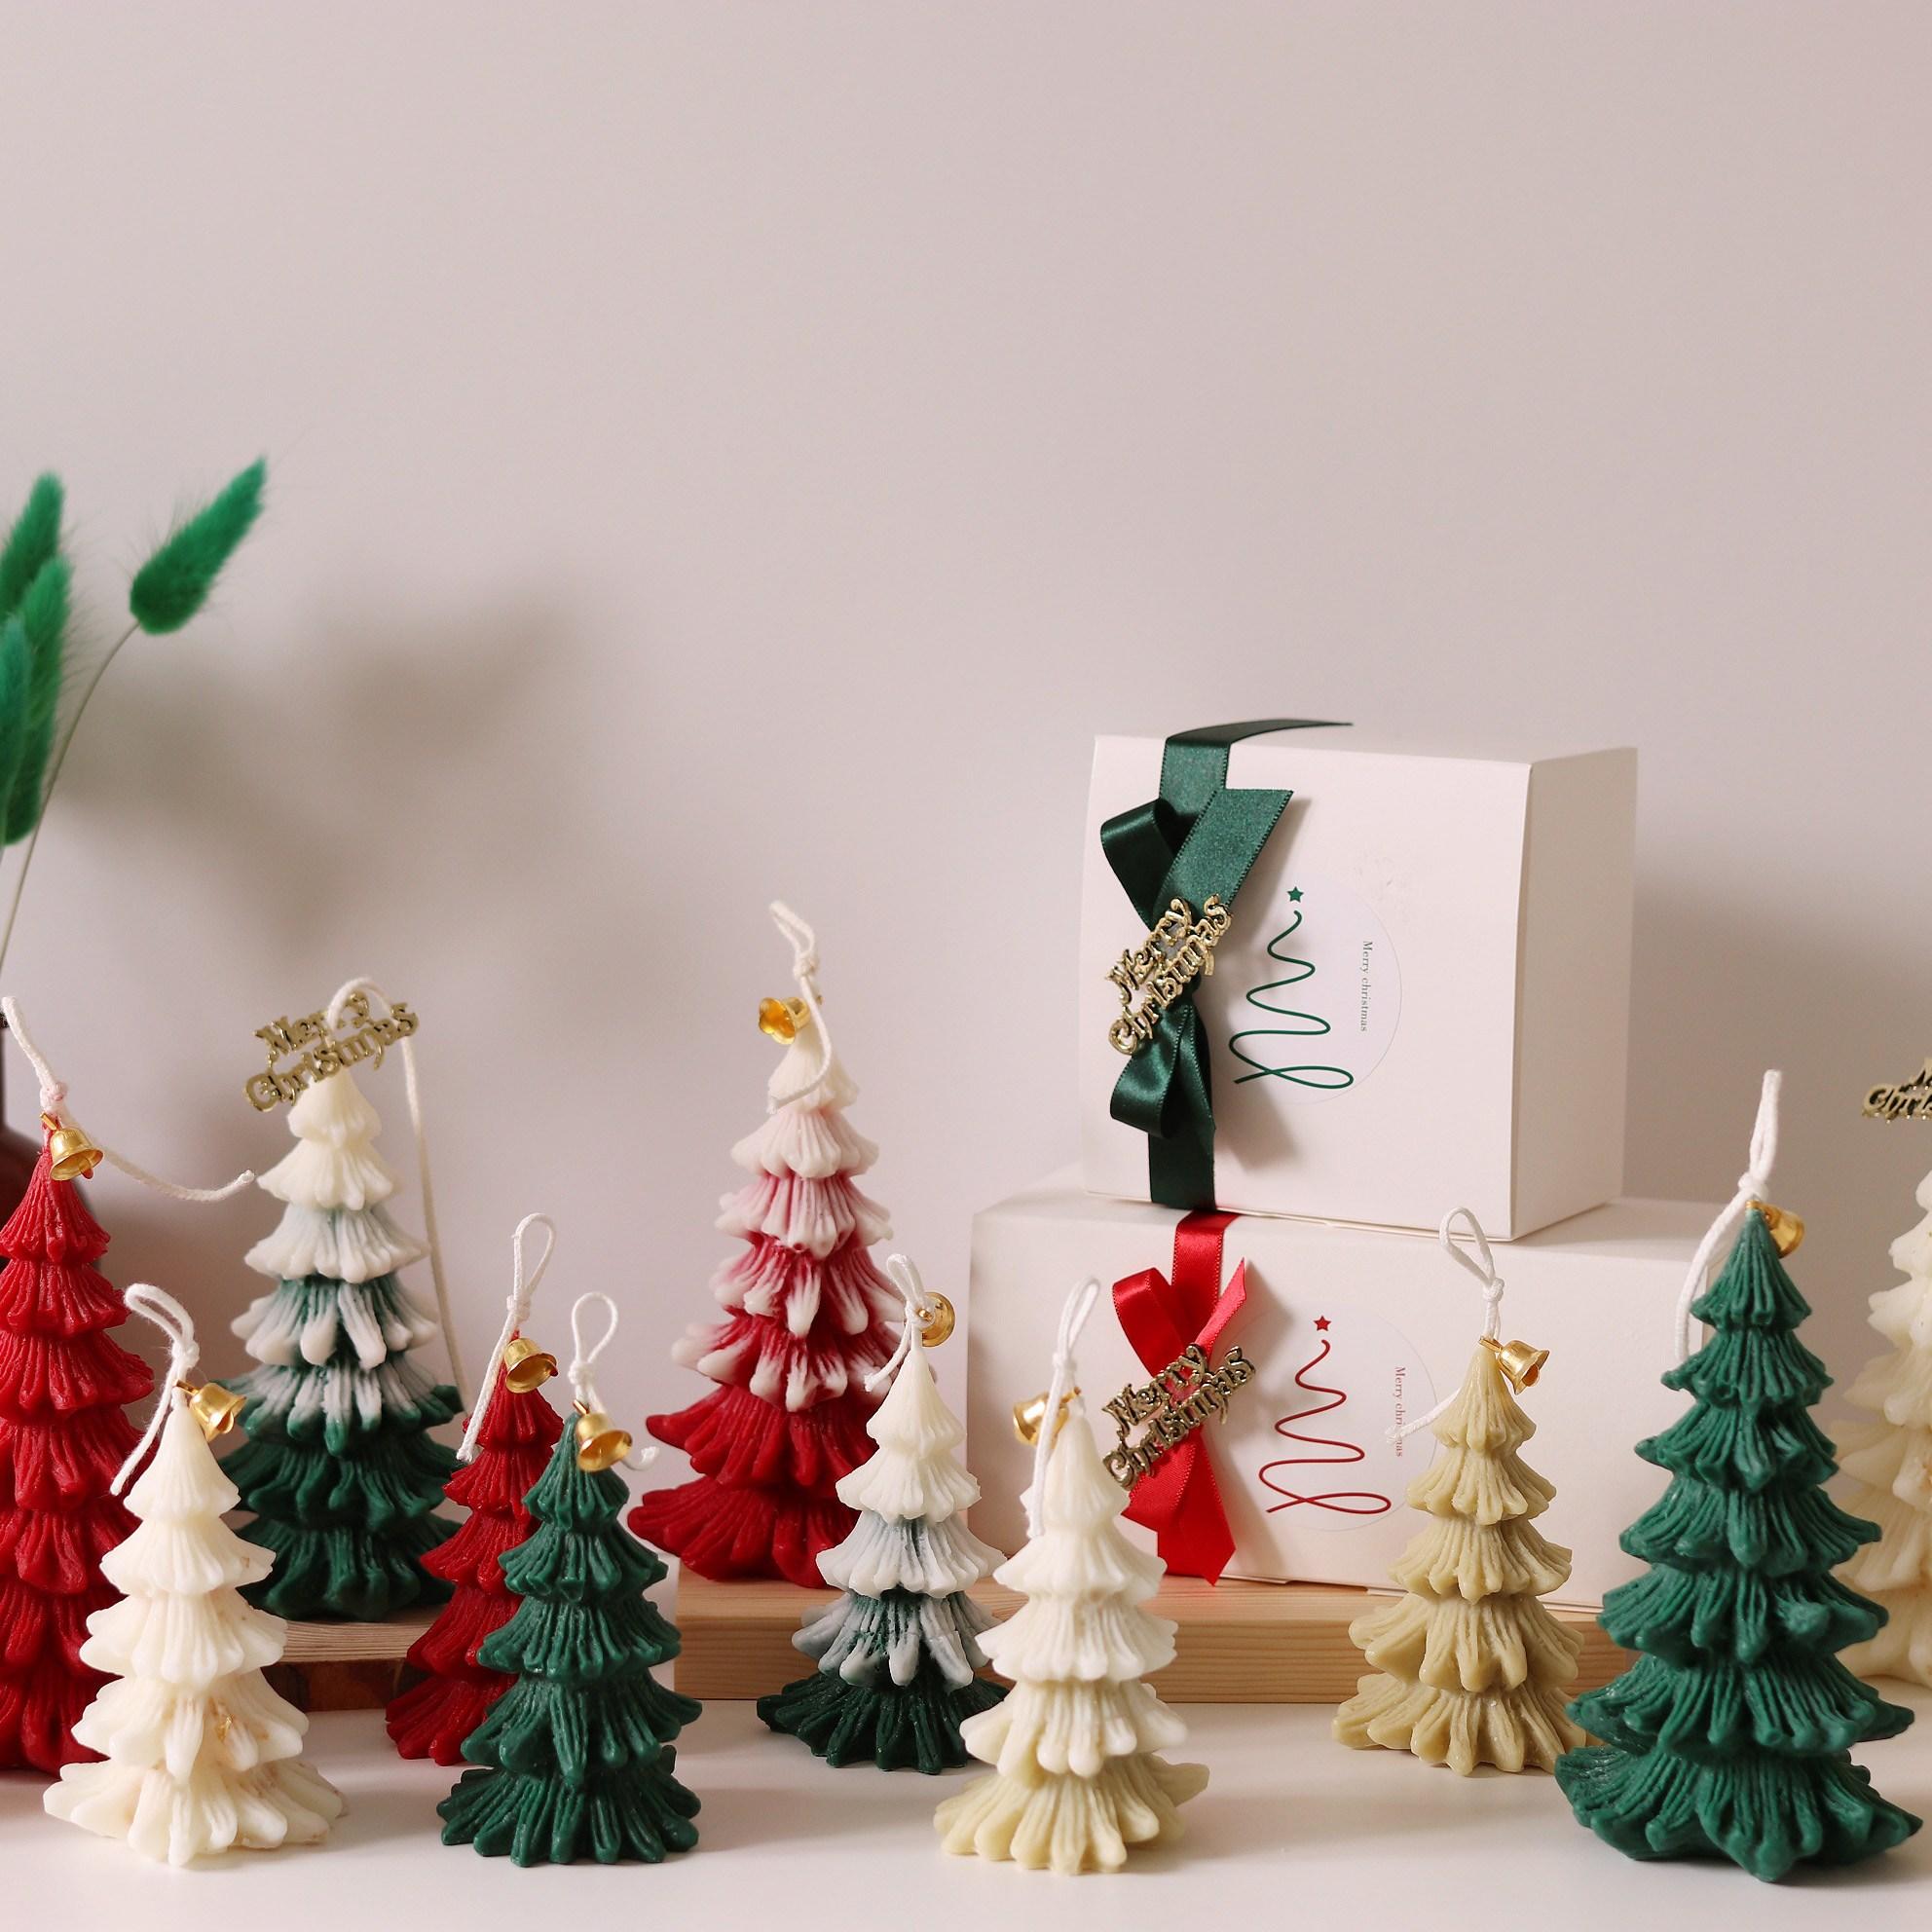 """[플로꽁] 크리스마스 트리캔들 <5단트리></noscript> 캔들, 샹스"""" /></noscript          ></a> </p> <p> <span class="""